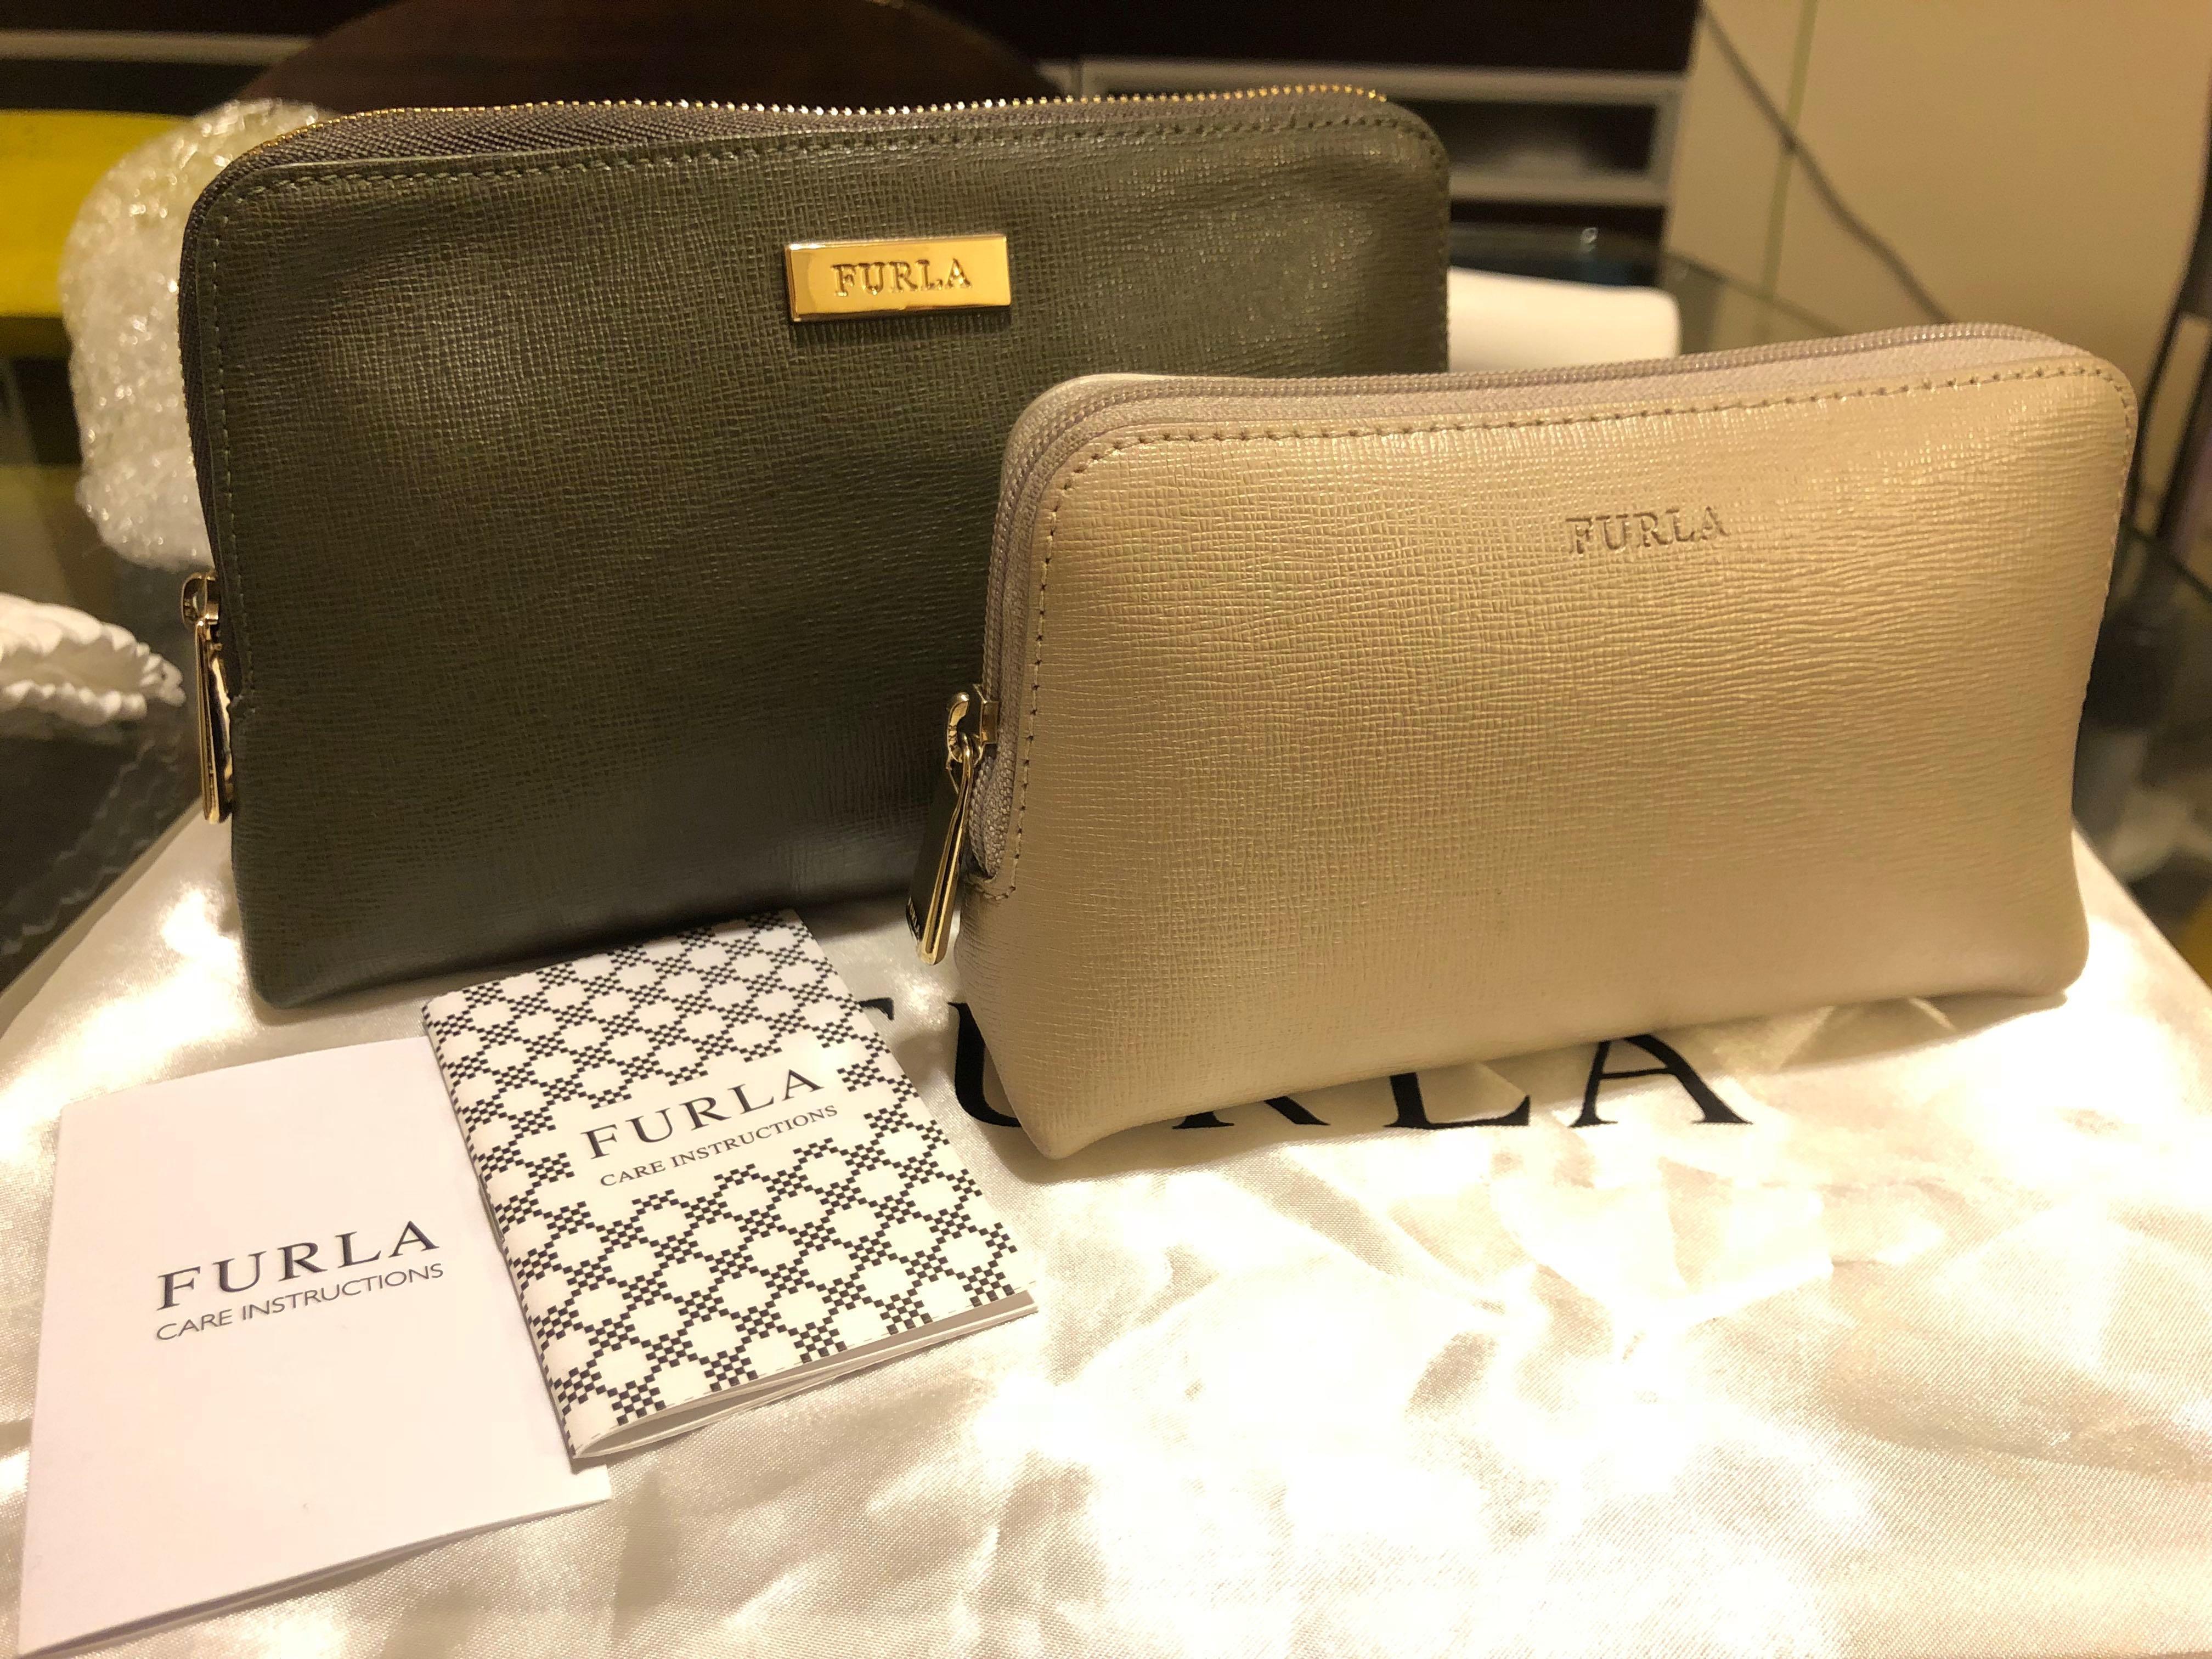 FURLA cosmetics 2 bag set